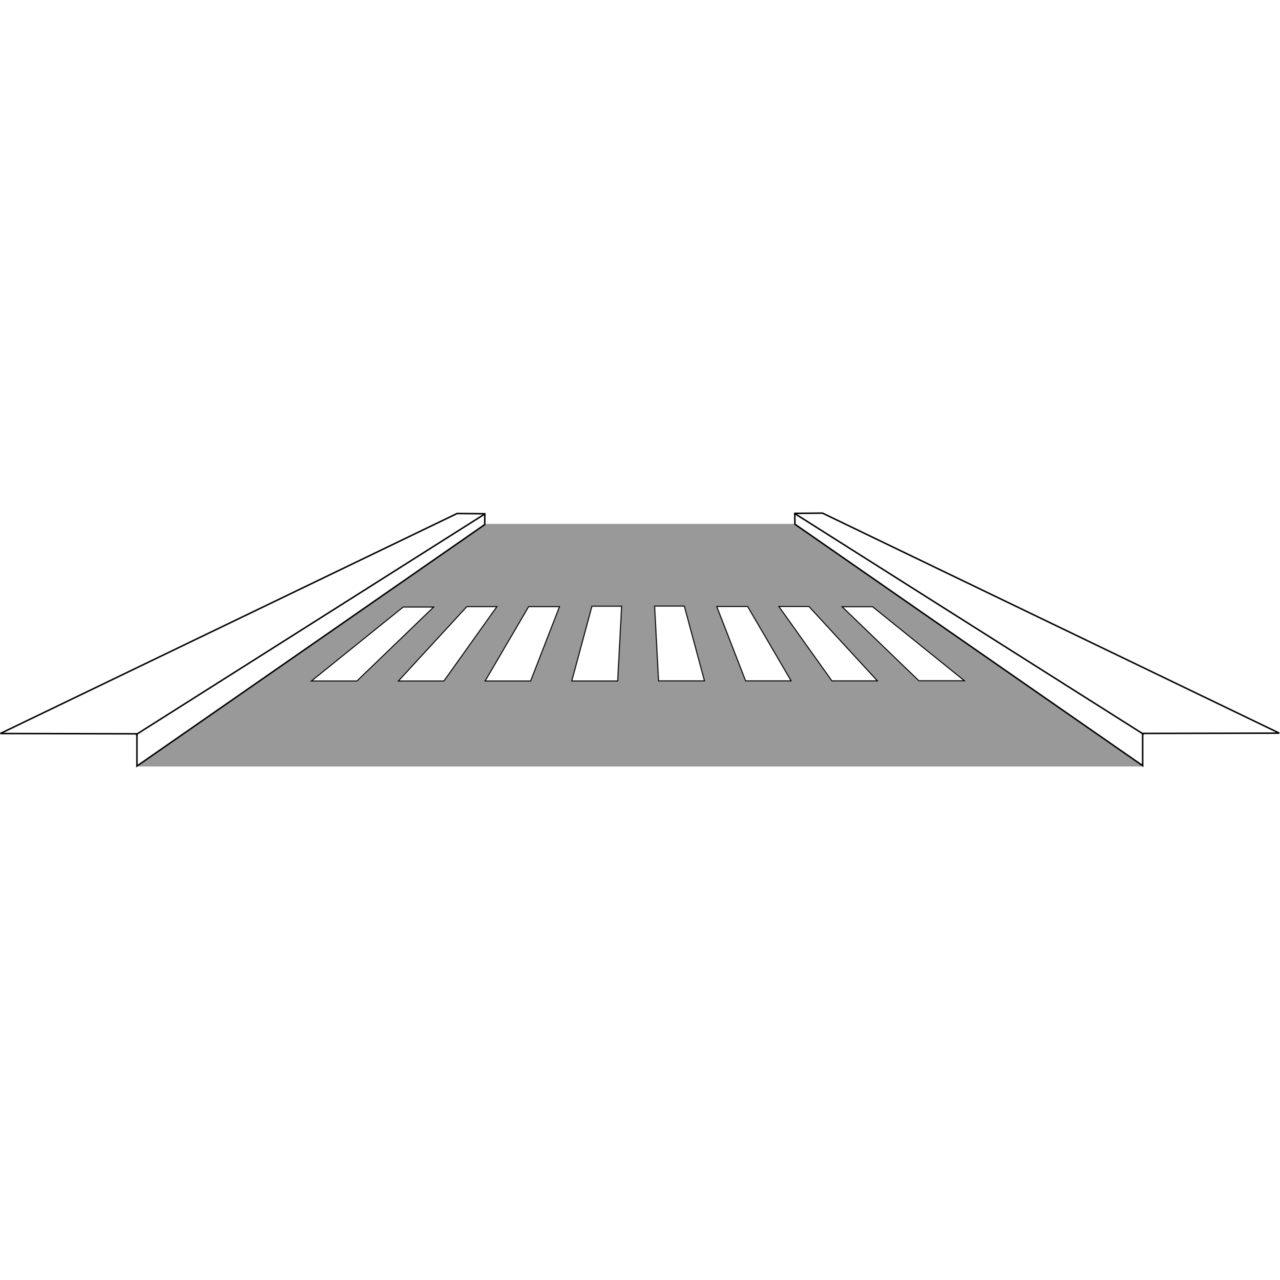 Zeichen 293 Fußgängerüberweg